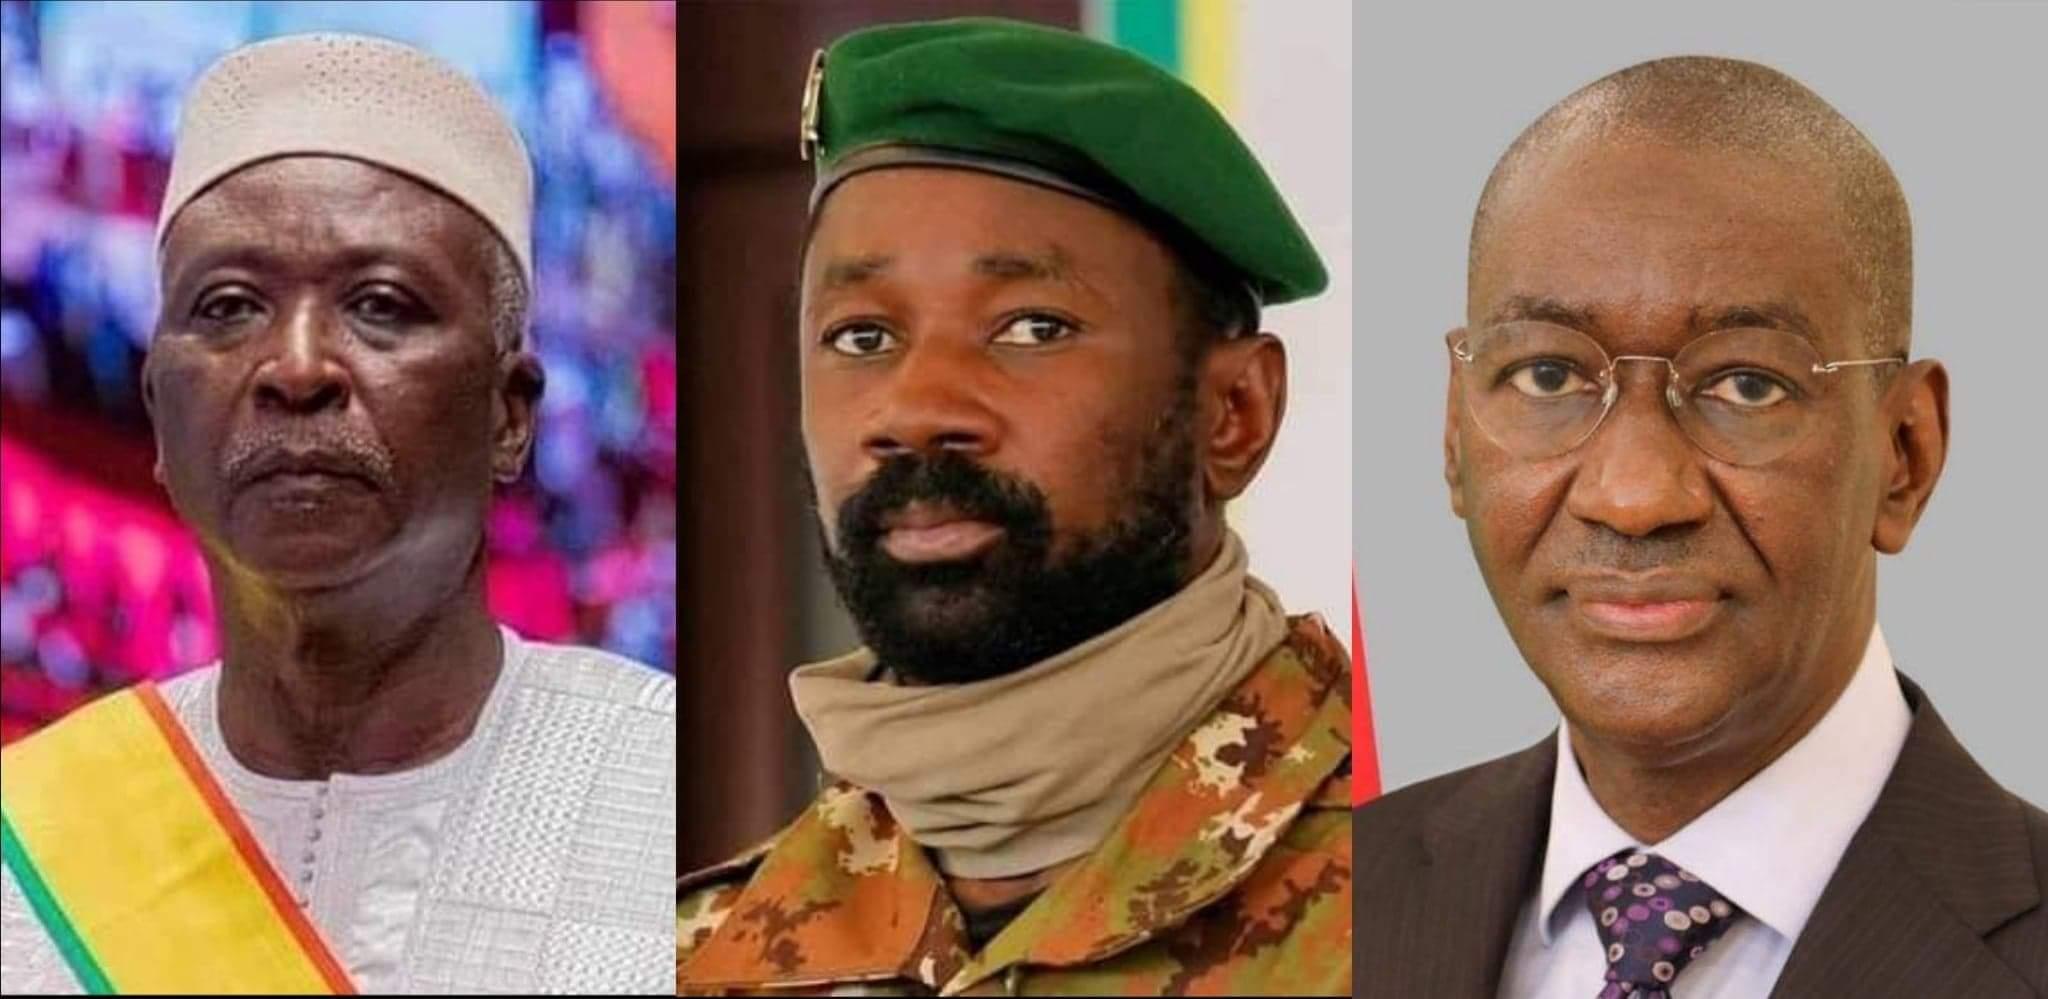 Mali: Un éternel recommencement